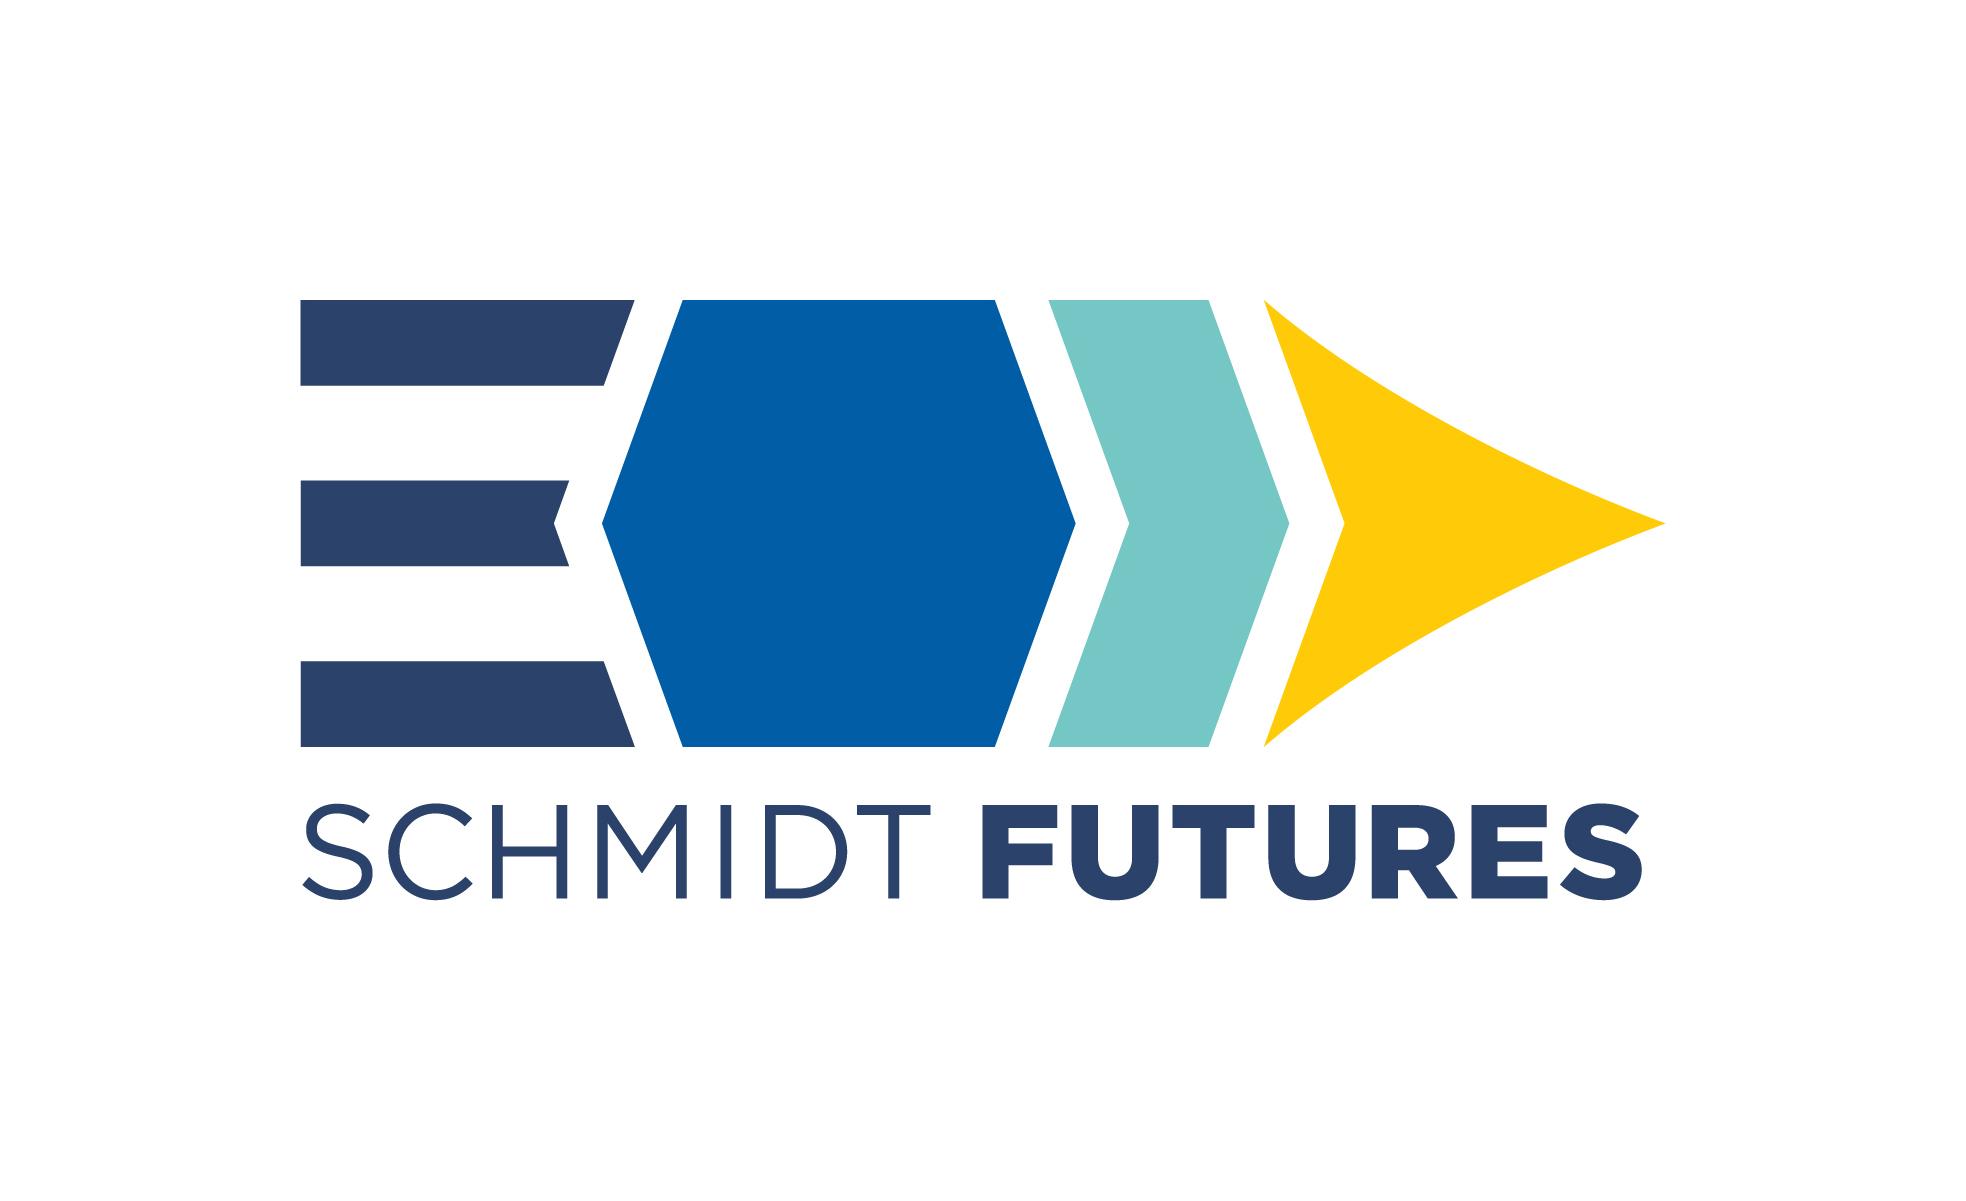 Schmidt Futures